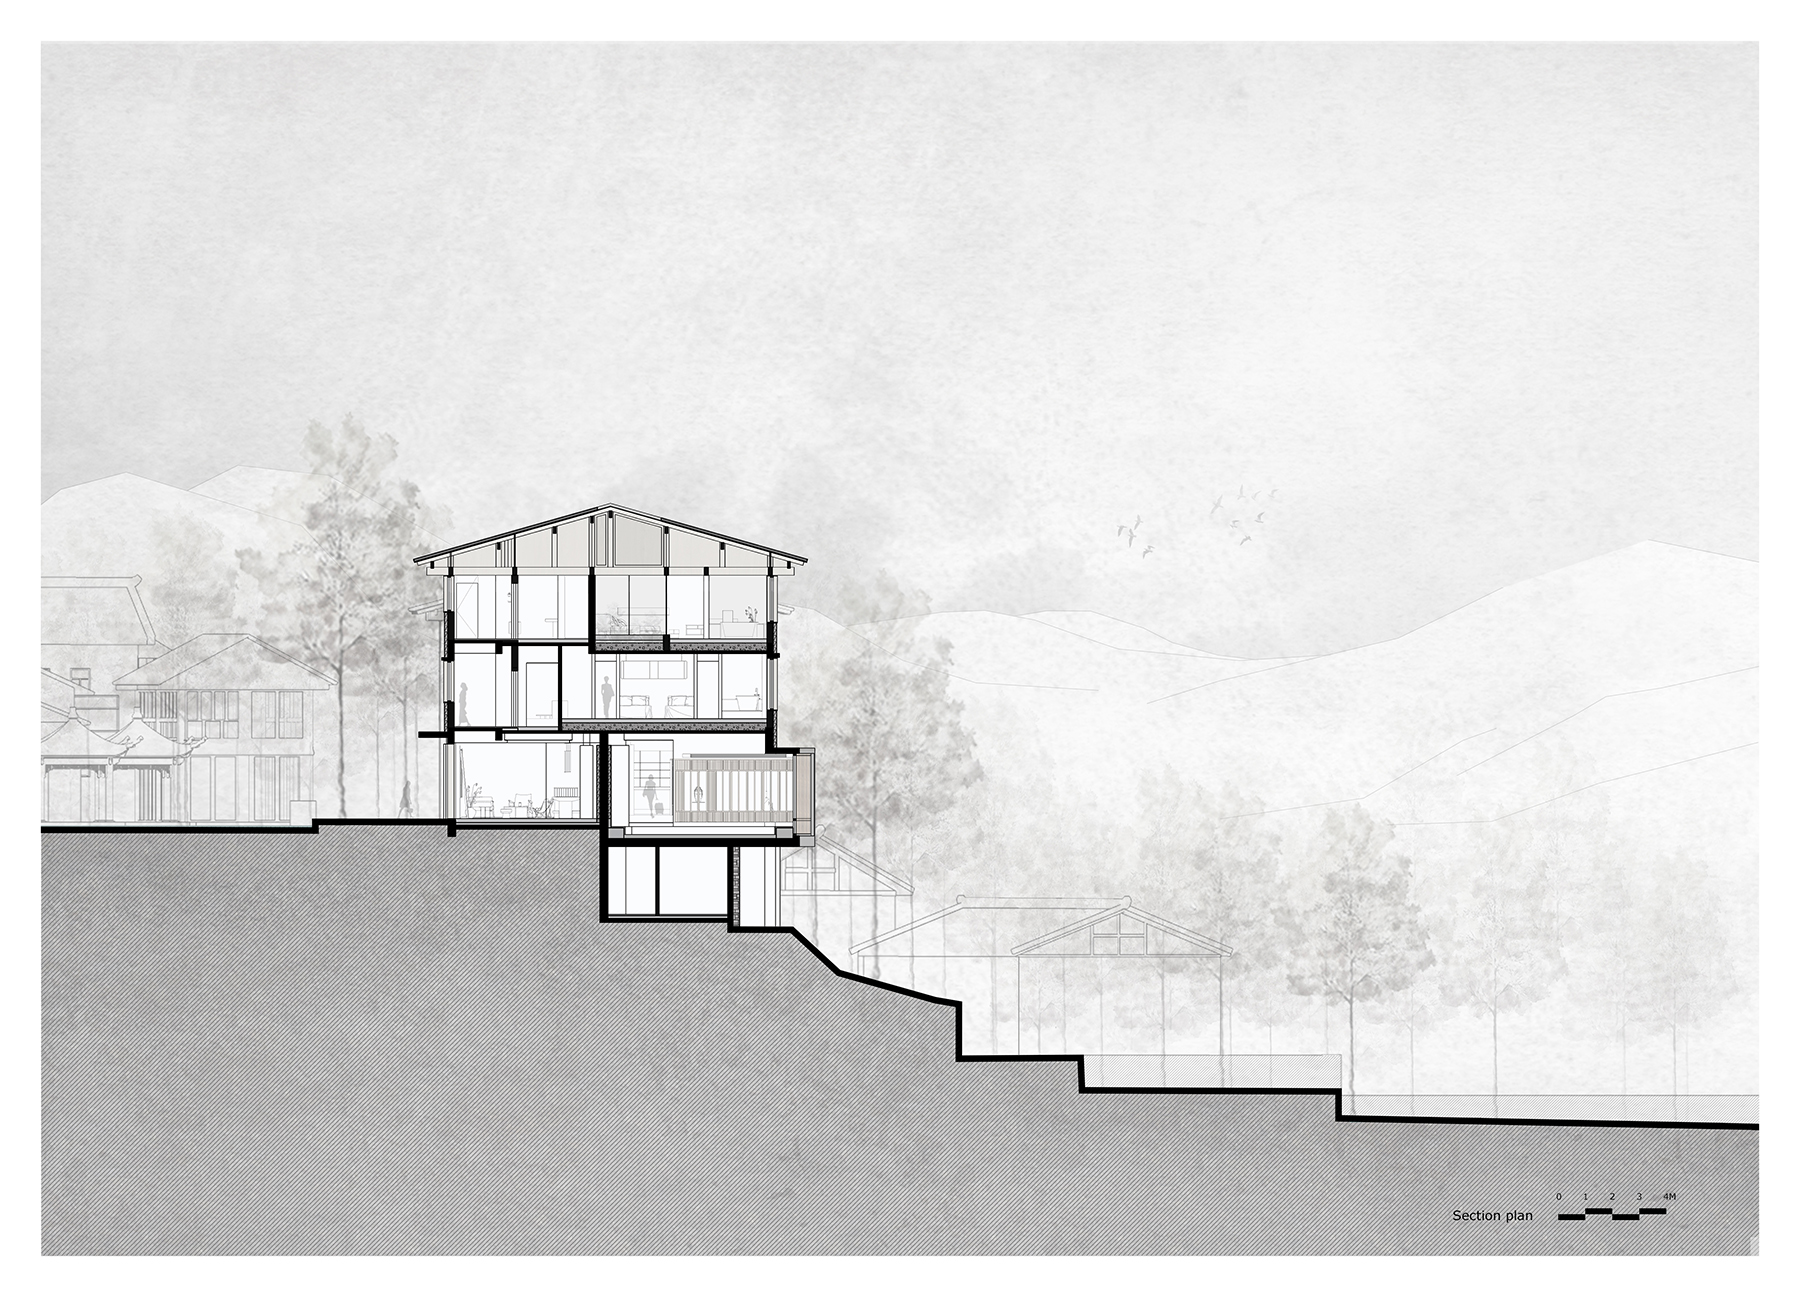 张家界 马儿山村·林语山房民宿酒店 木构设计 / 尌林建筑设计事务所